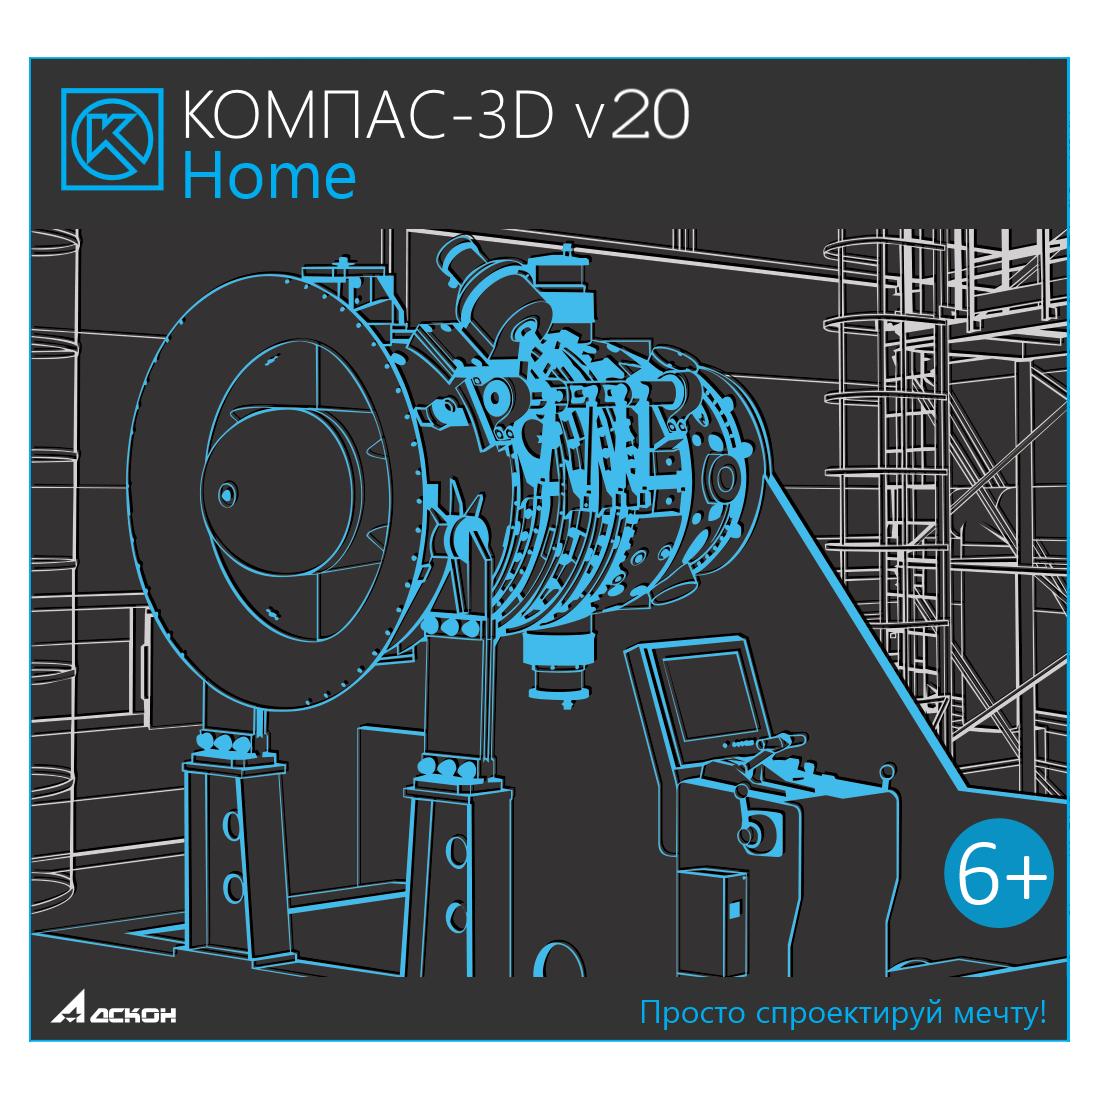 КОМПАС-3D v20 Home